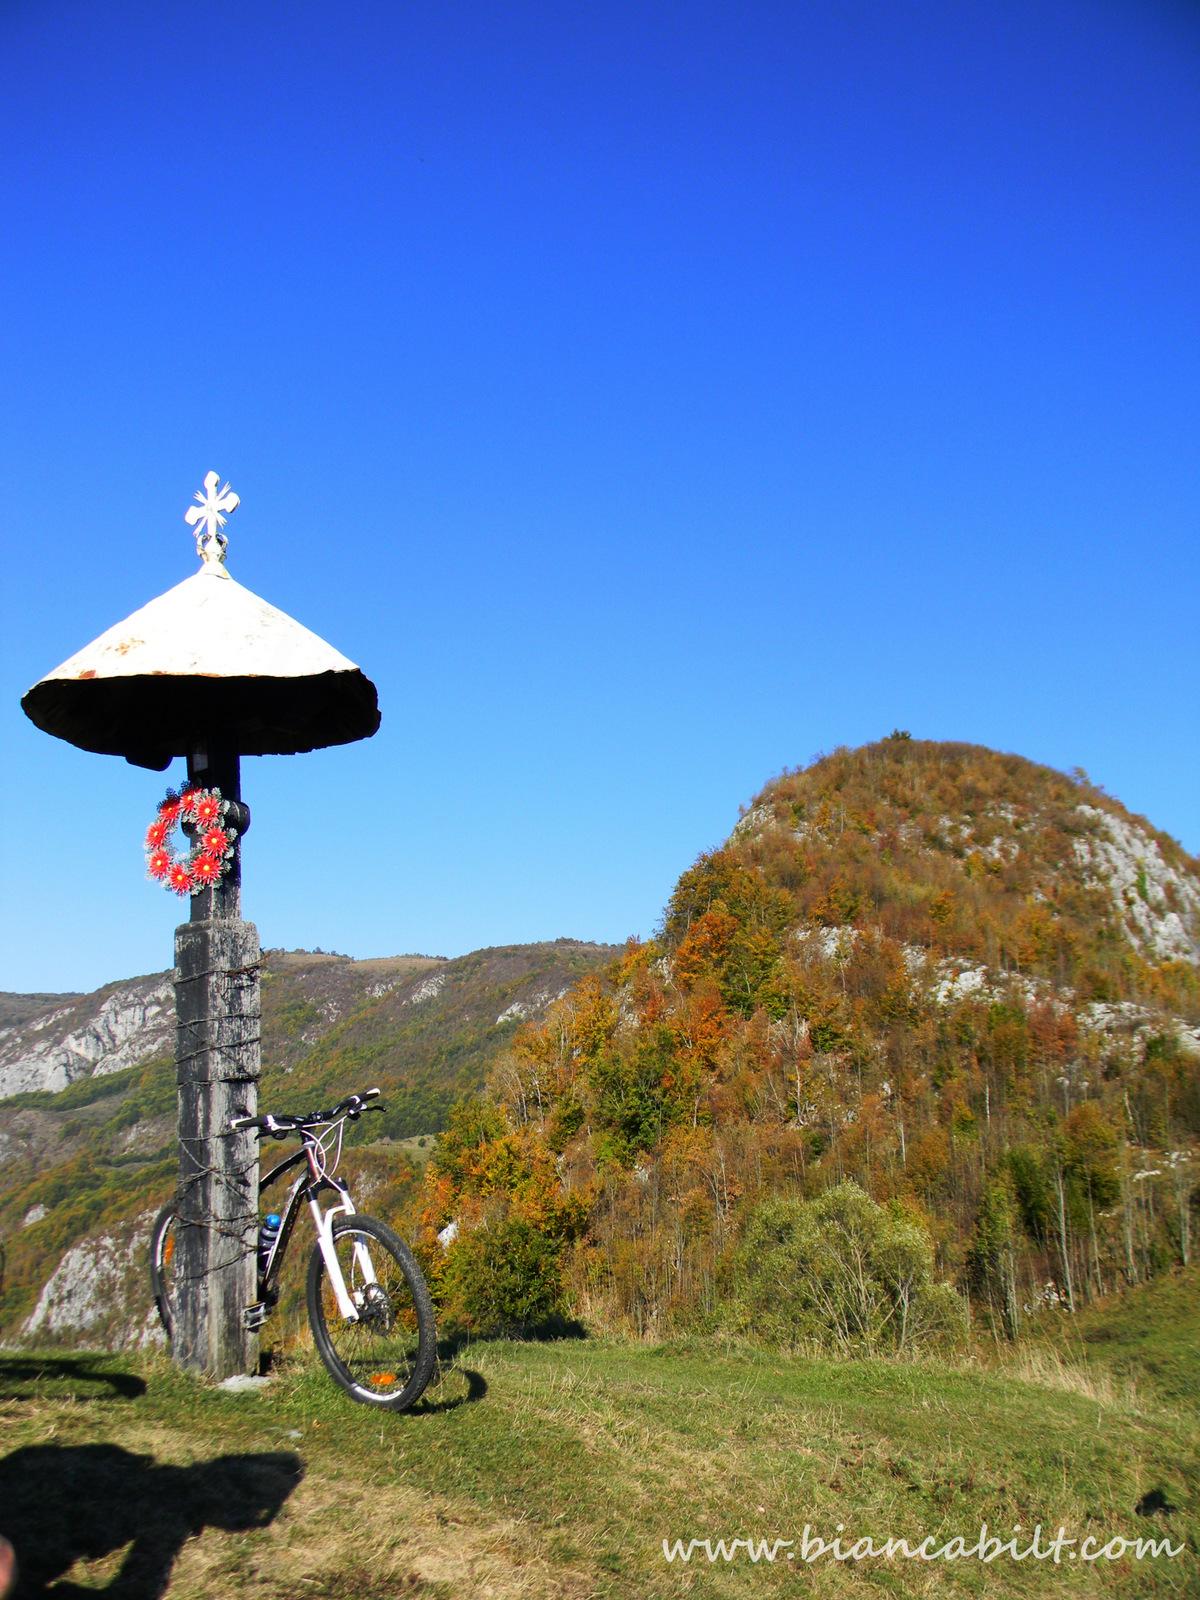 Troița din deal, de unde avem parte de o panoramă frumoasă asupra văii Arieșului.